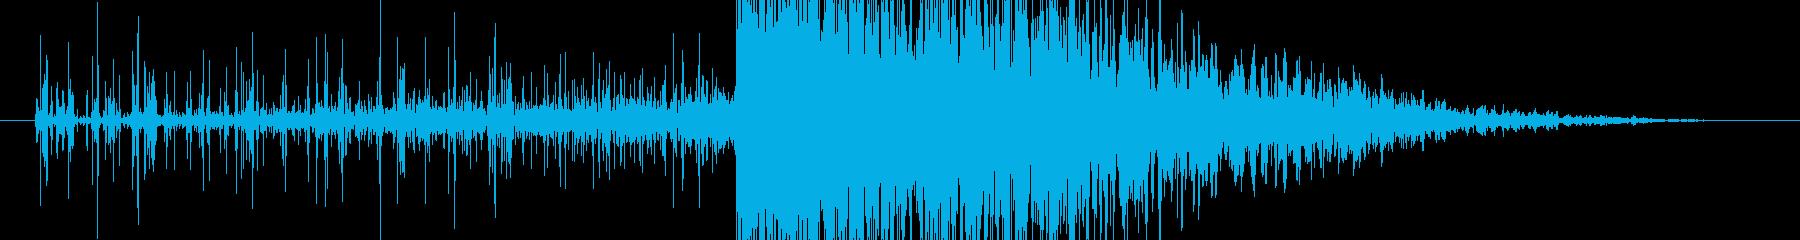 導火線 爆発の再生済みの波形